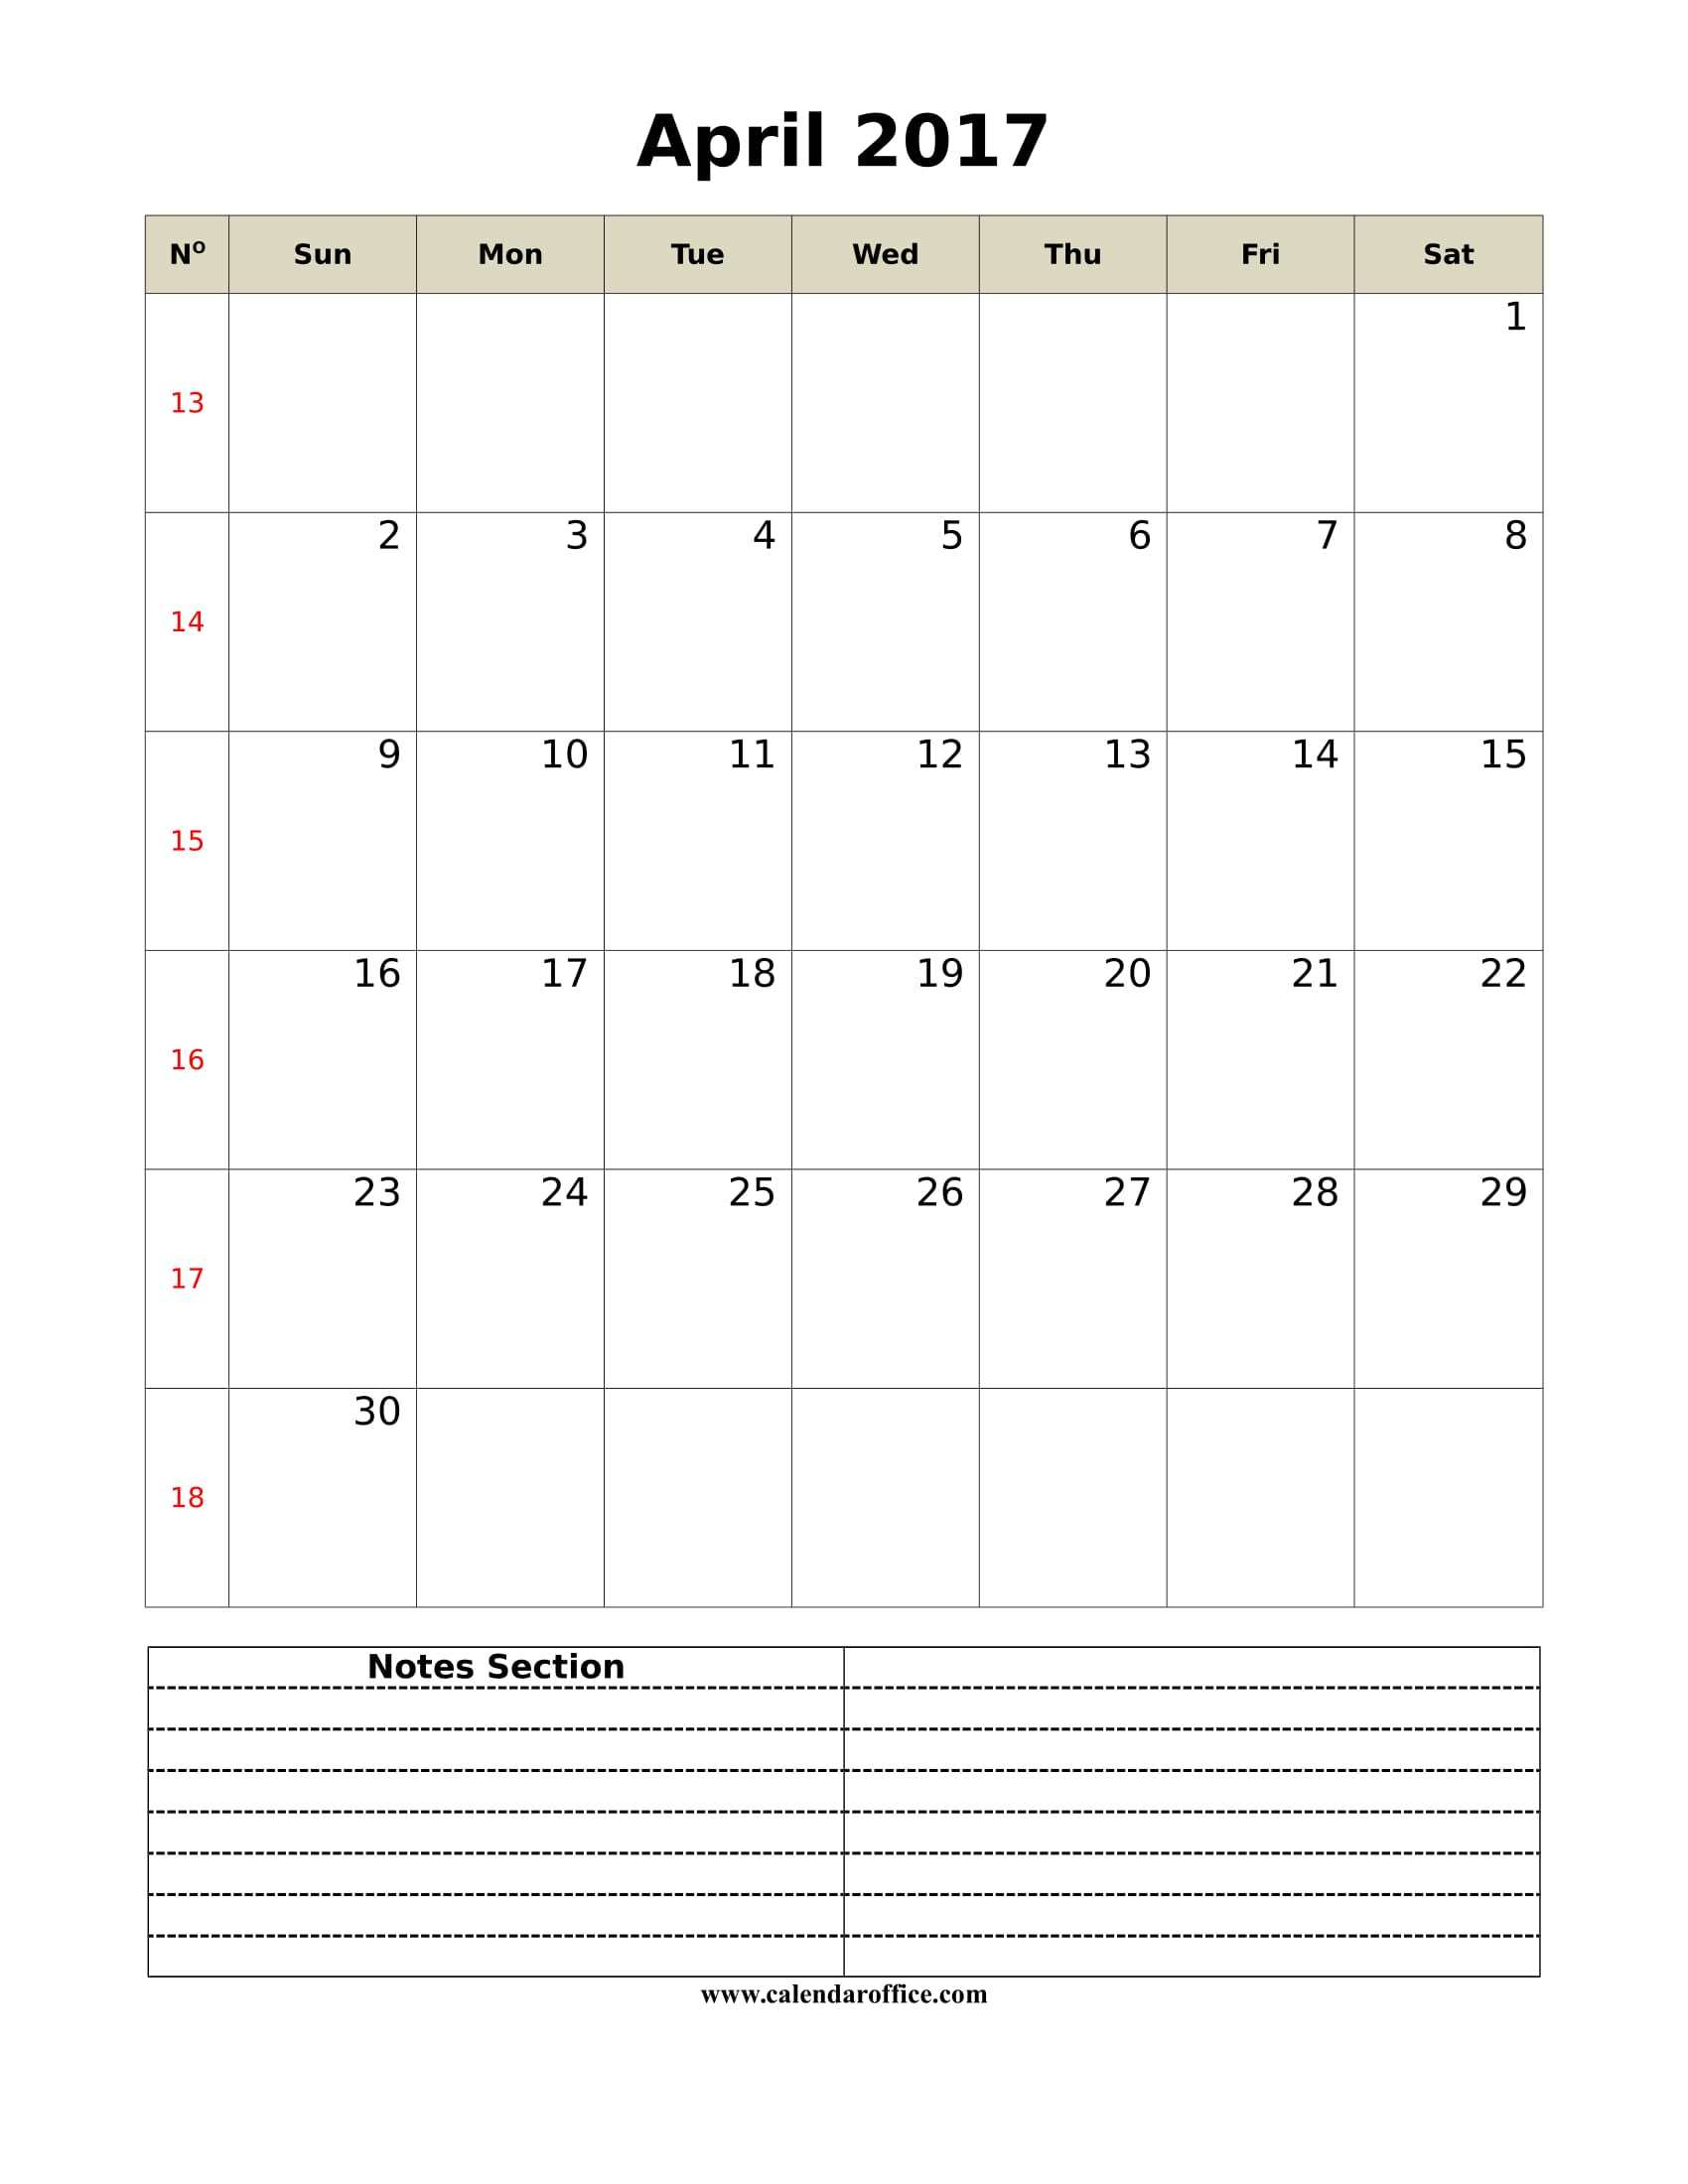 April 2017 Calendar Printable Portrait